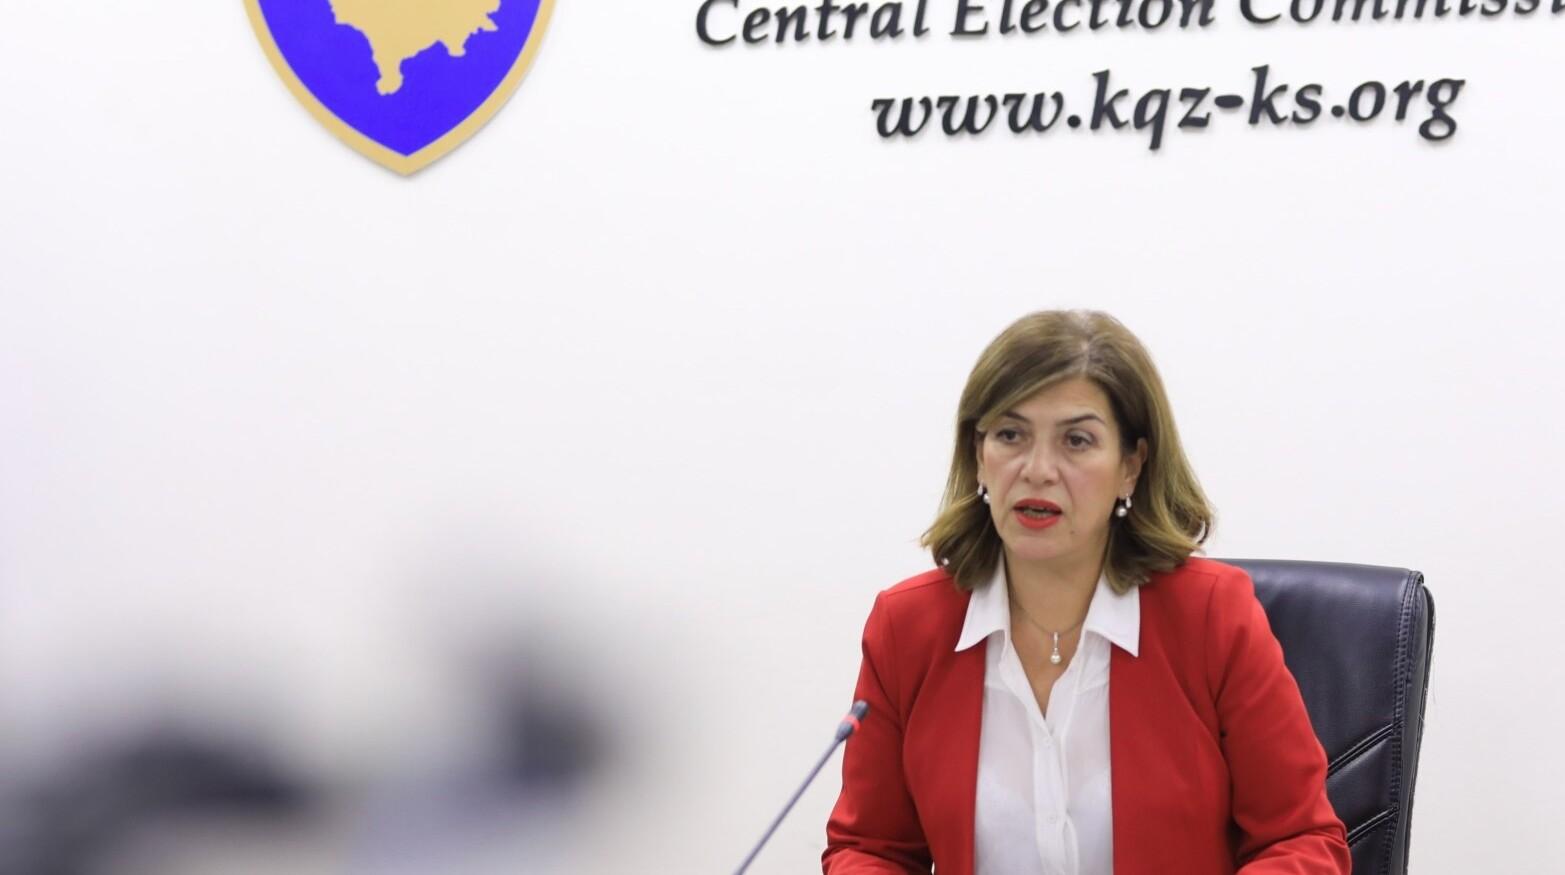 Zgjedhjet lokale të vjeshtës do t'i kushtojnë 7.5 milionë euro buxhetit të shtetit